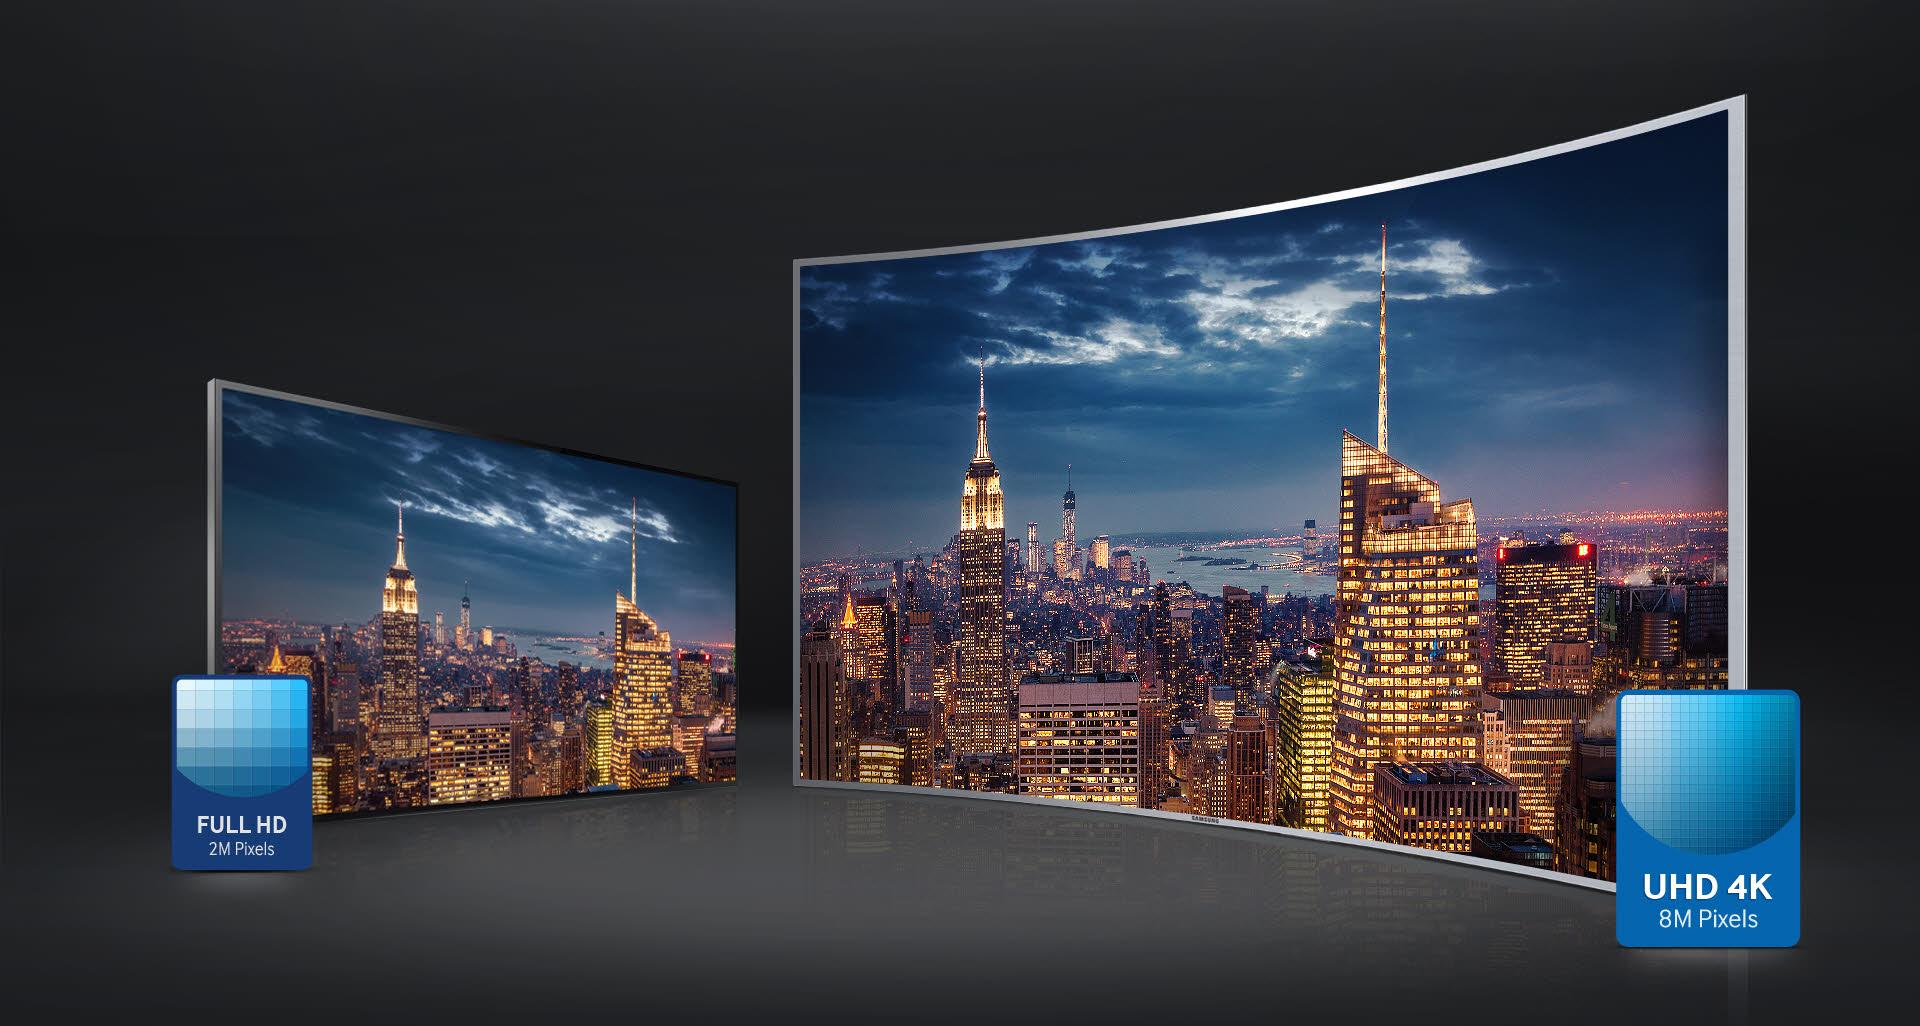 Tivi UA65JS9500 có độ phân giải cao gấp 4 lần chuẩn Full HD